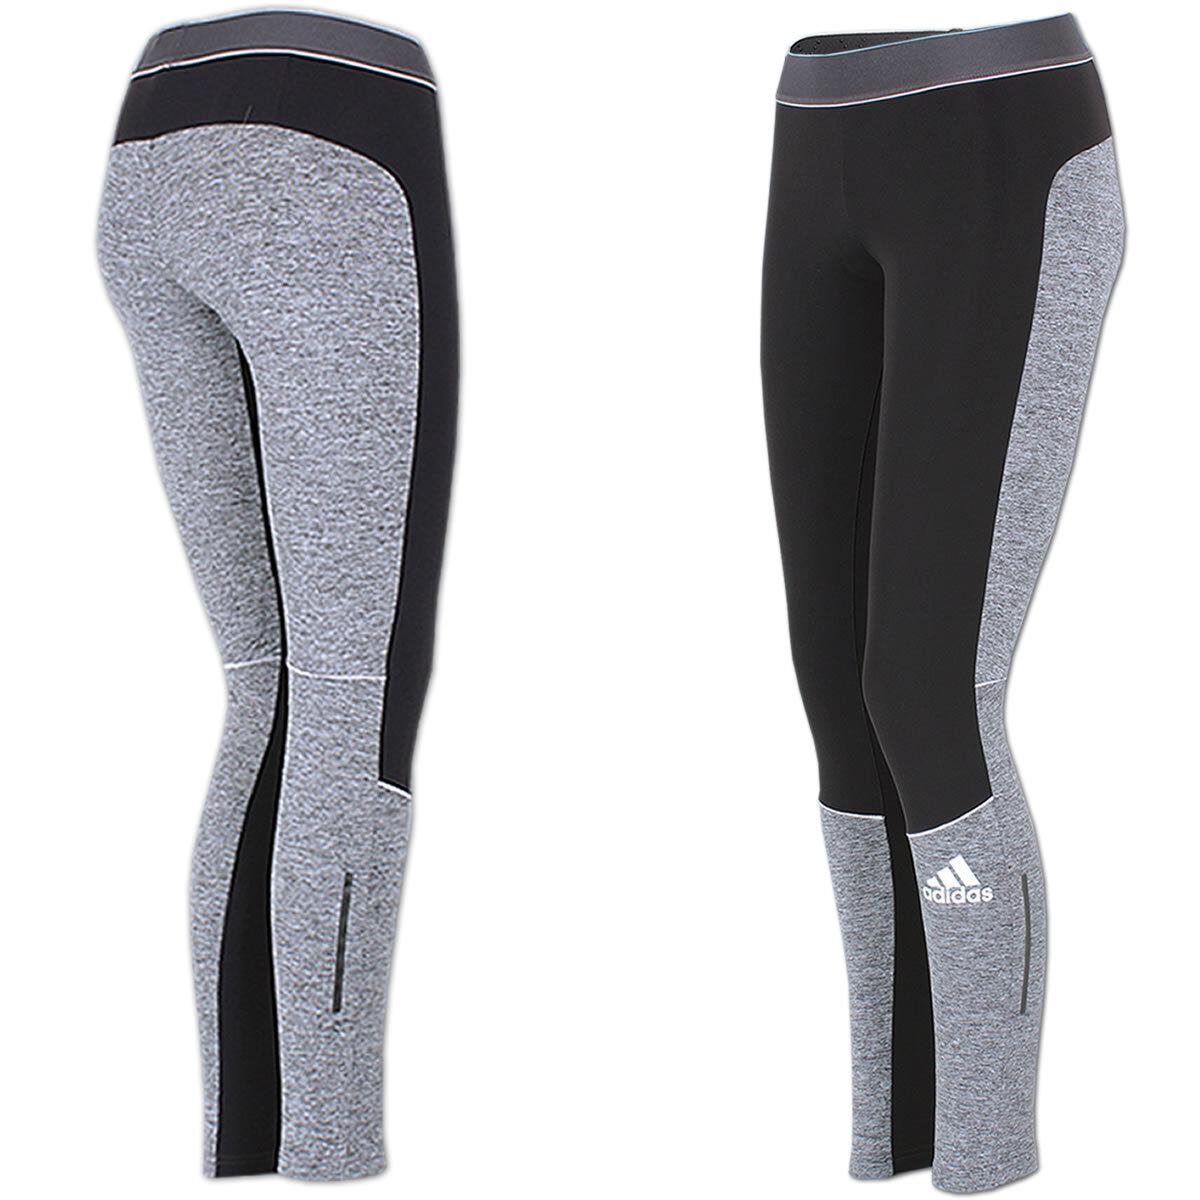 Fitness Sporthose Laufhose Hose Tight Xperior Damen Adidas